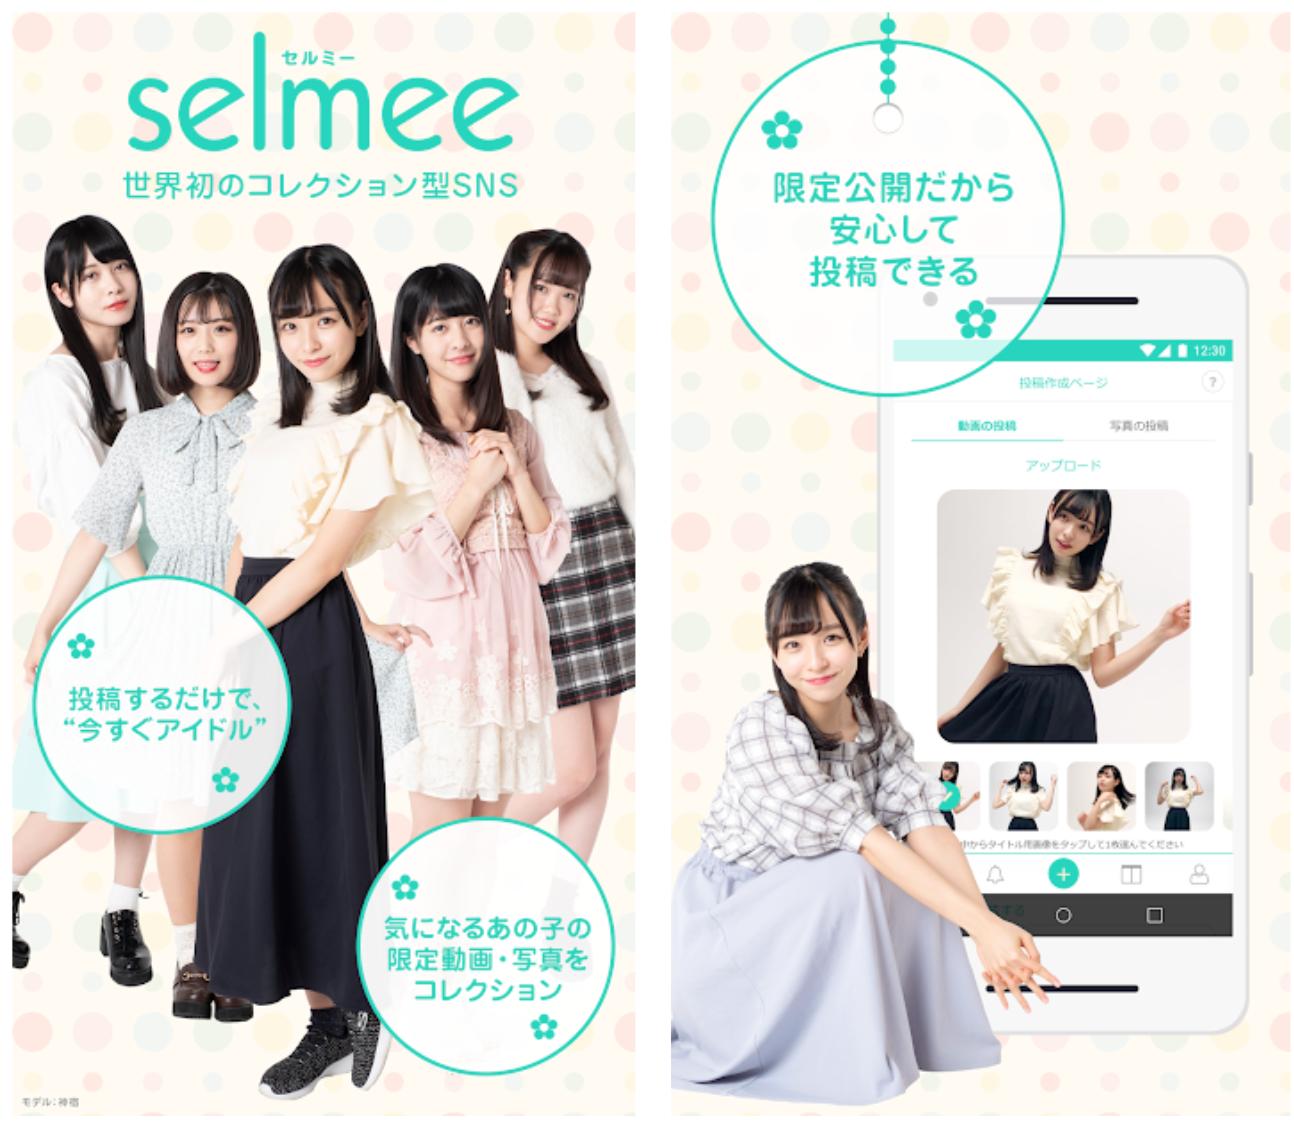 自撮り写真を売れる「Selmeee」というアプリがあるらしい